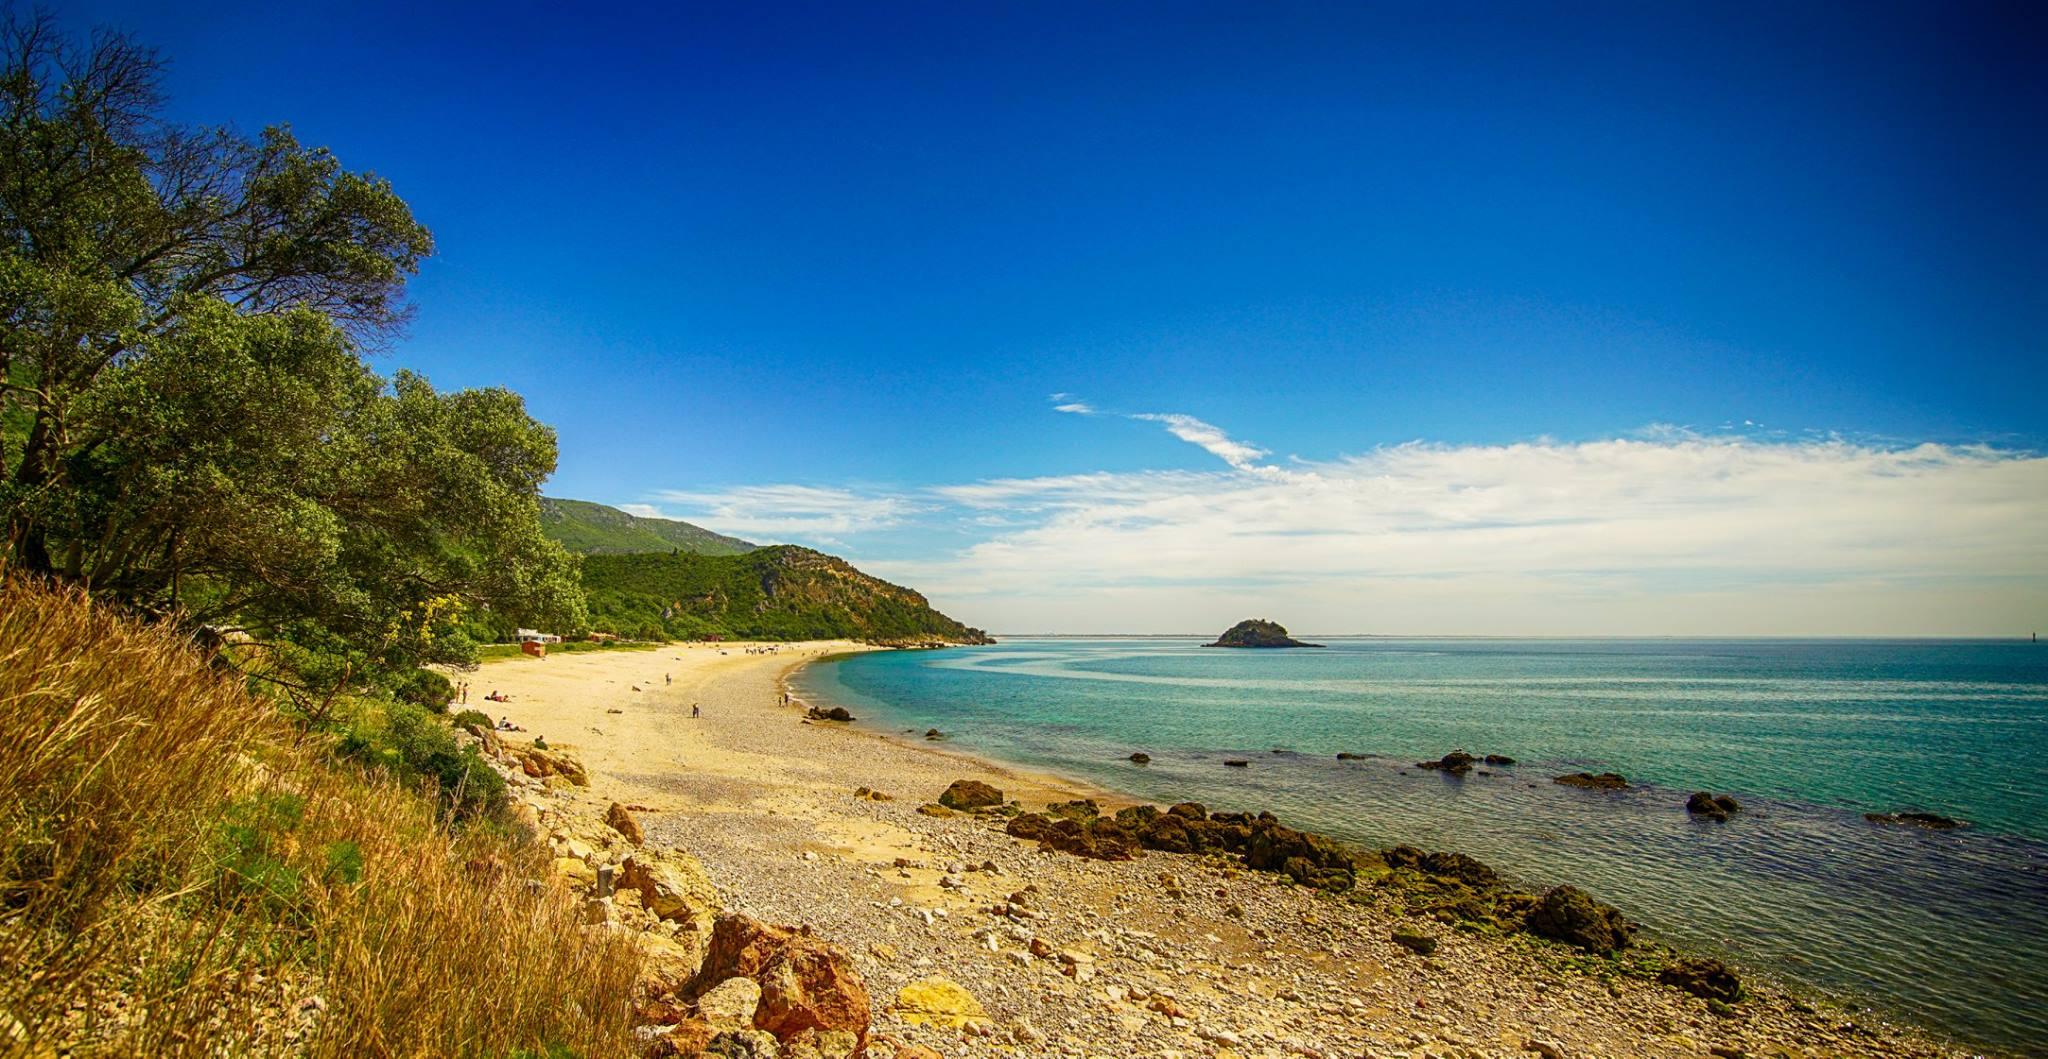 Le Portugal a su conserver un tourisme écolo friendly et respectueux de l'environnement